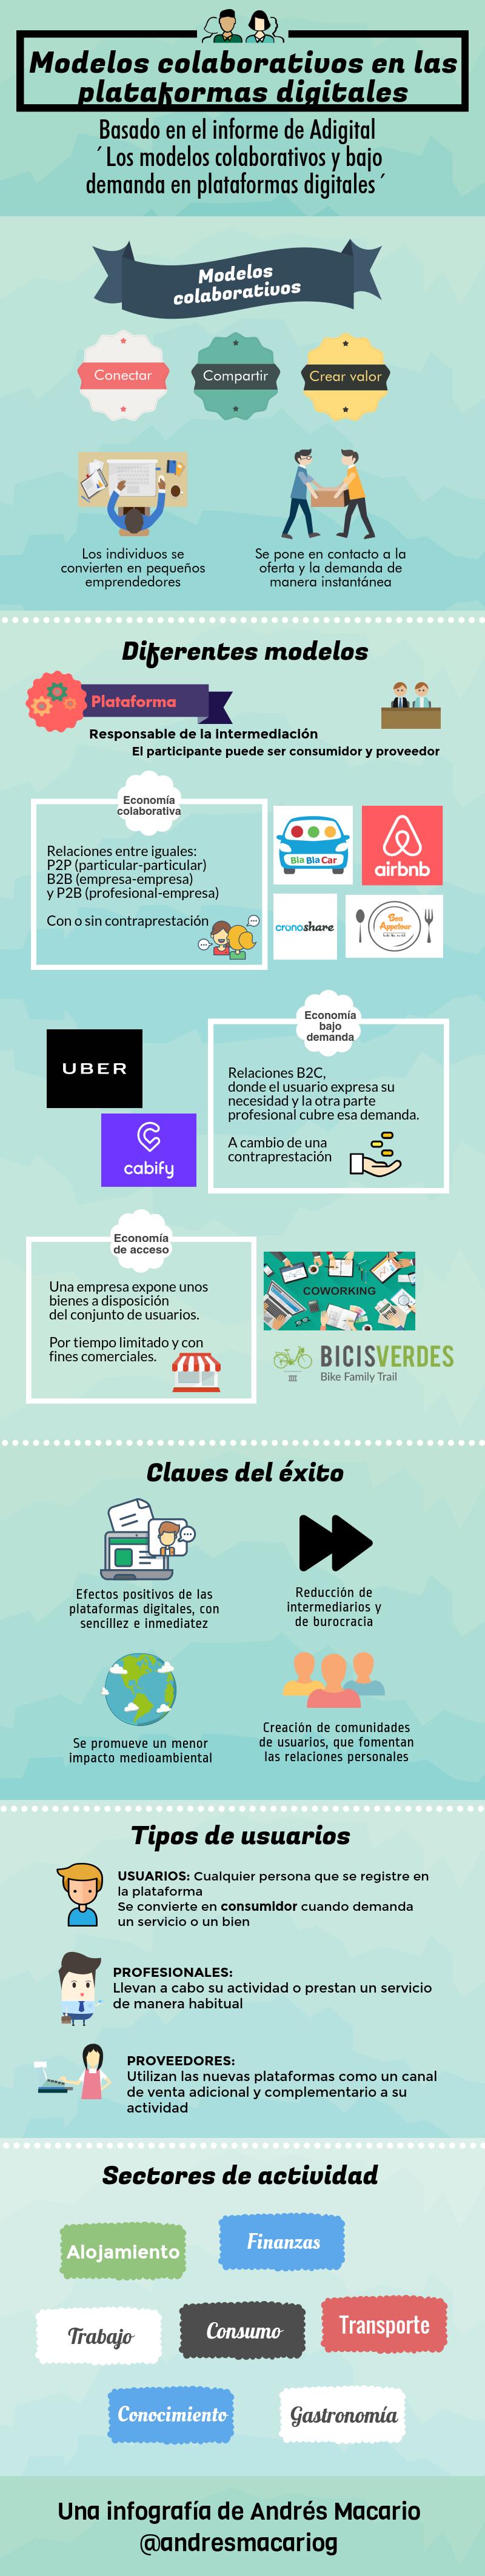 Modelos colaborativos en las plataformas digitales - infografía Andrés Macario